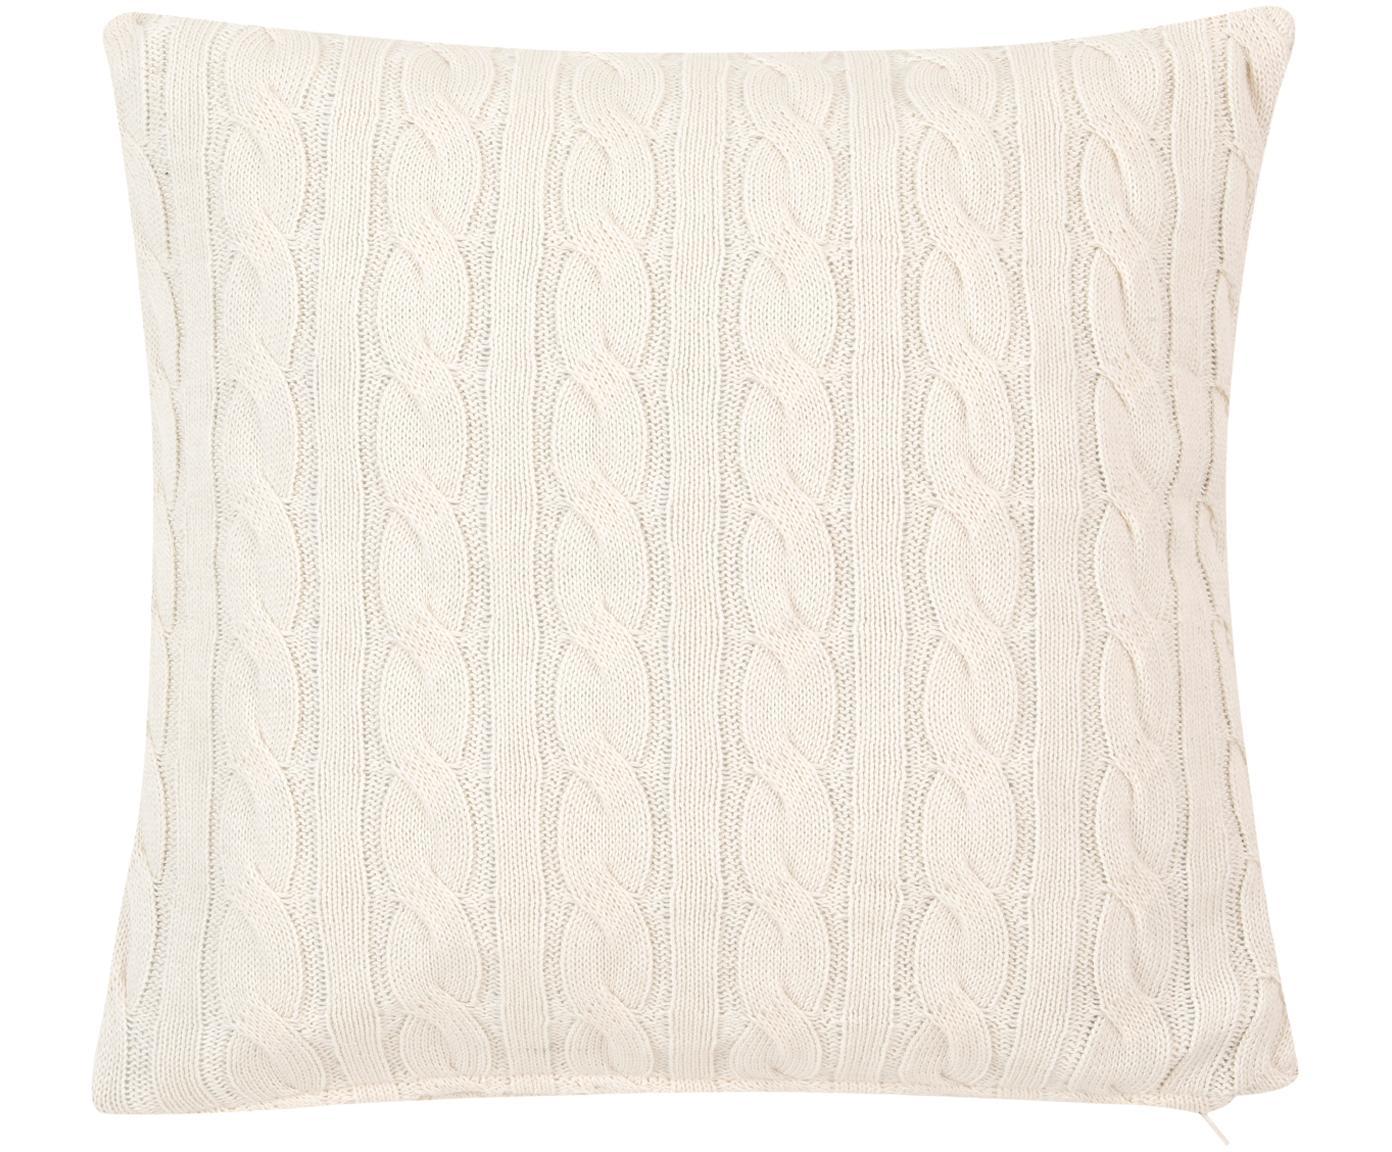 Federa arredo fatta a maglia Ida, 100% cotone, Crema, Larg. 40 x Lung. 40 cm